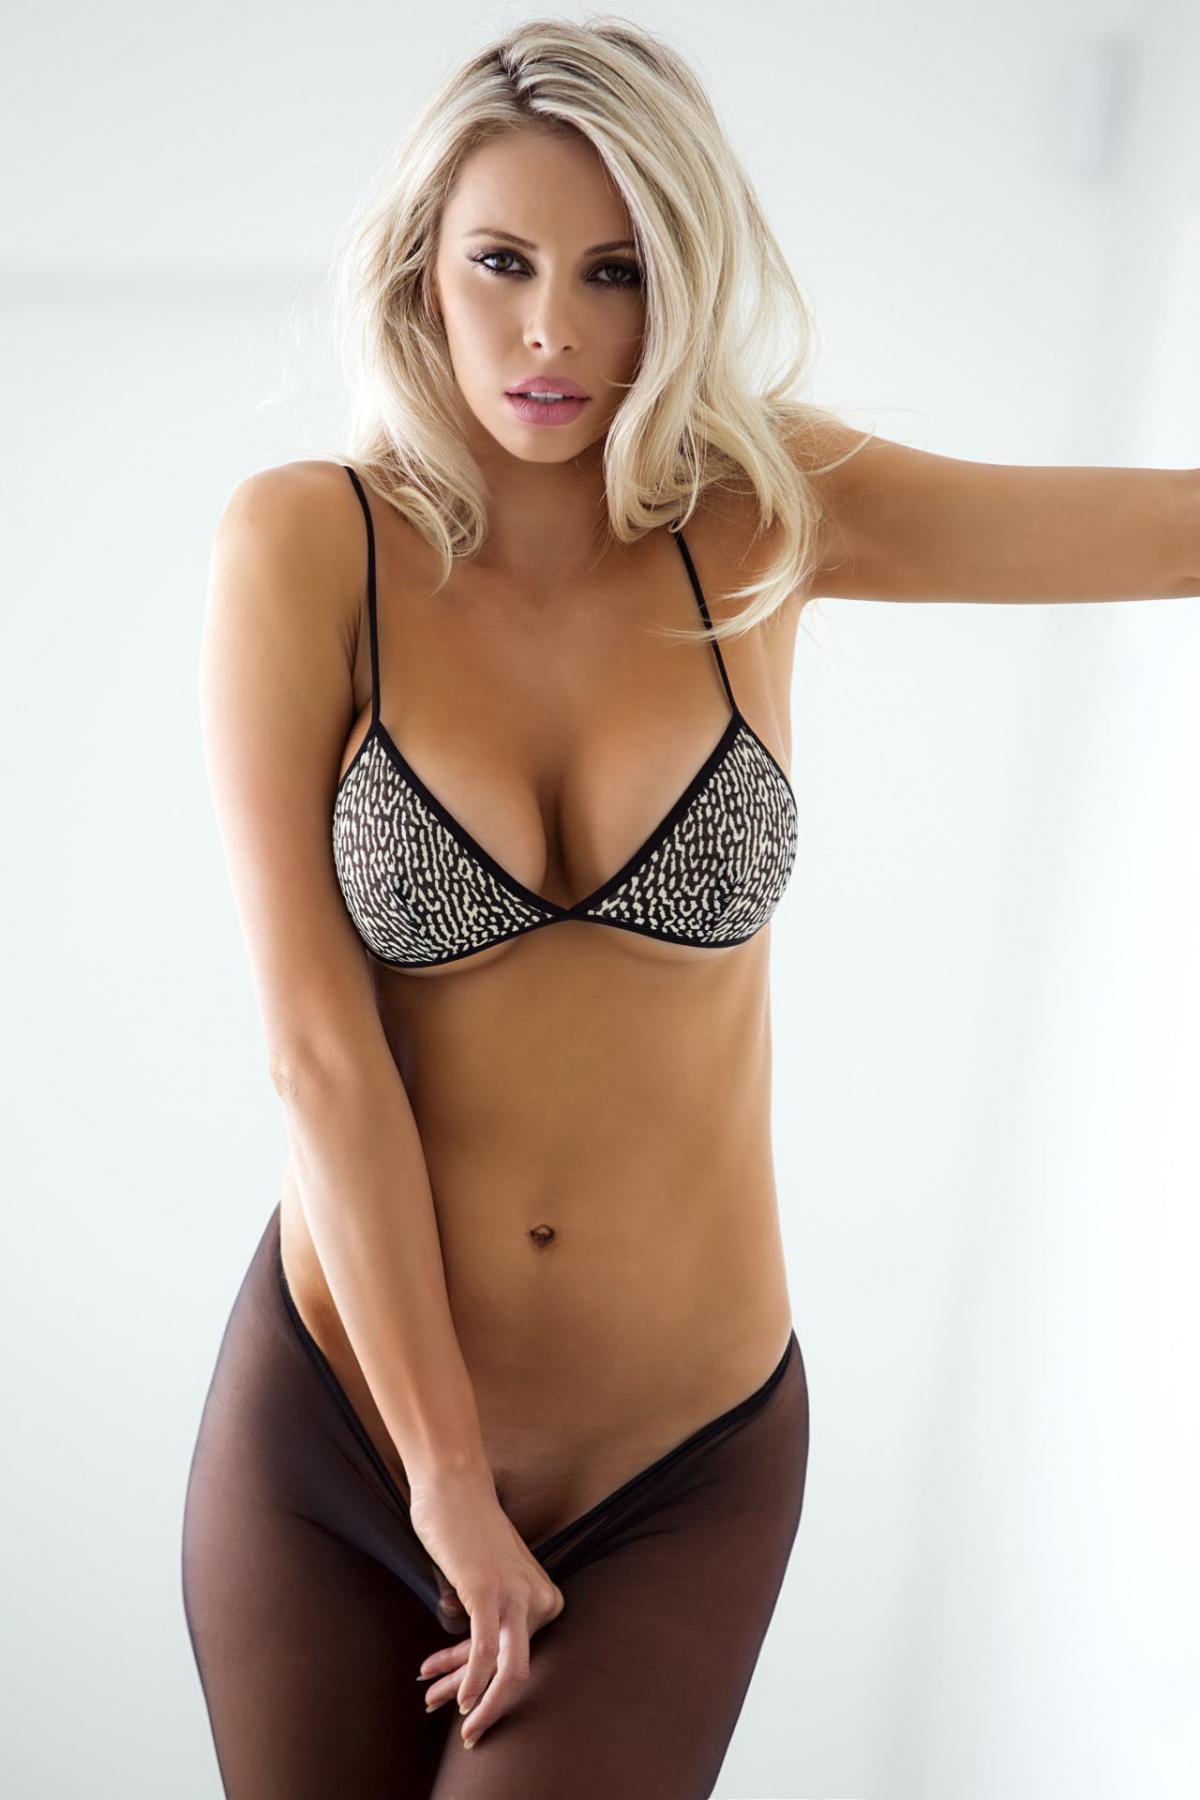 Эффектная блондинка в колготках